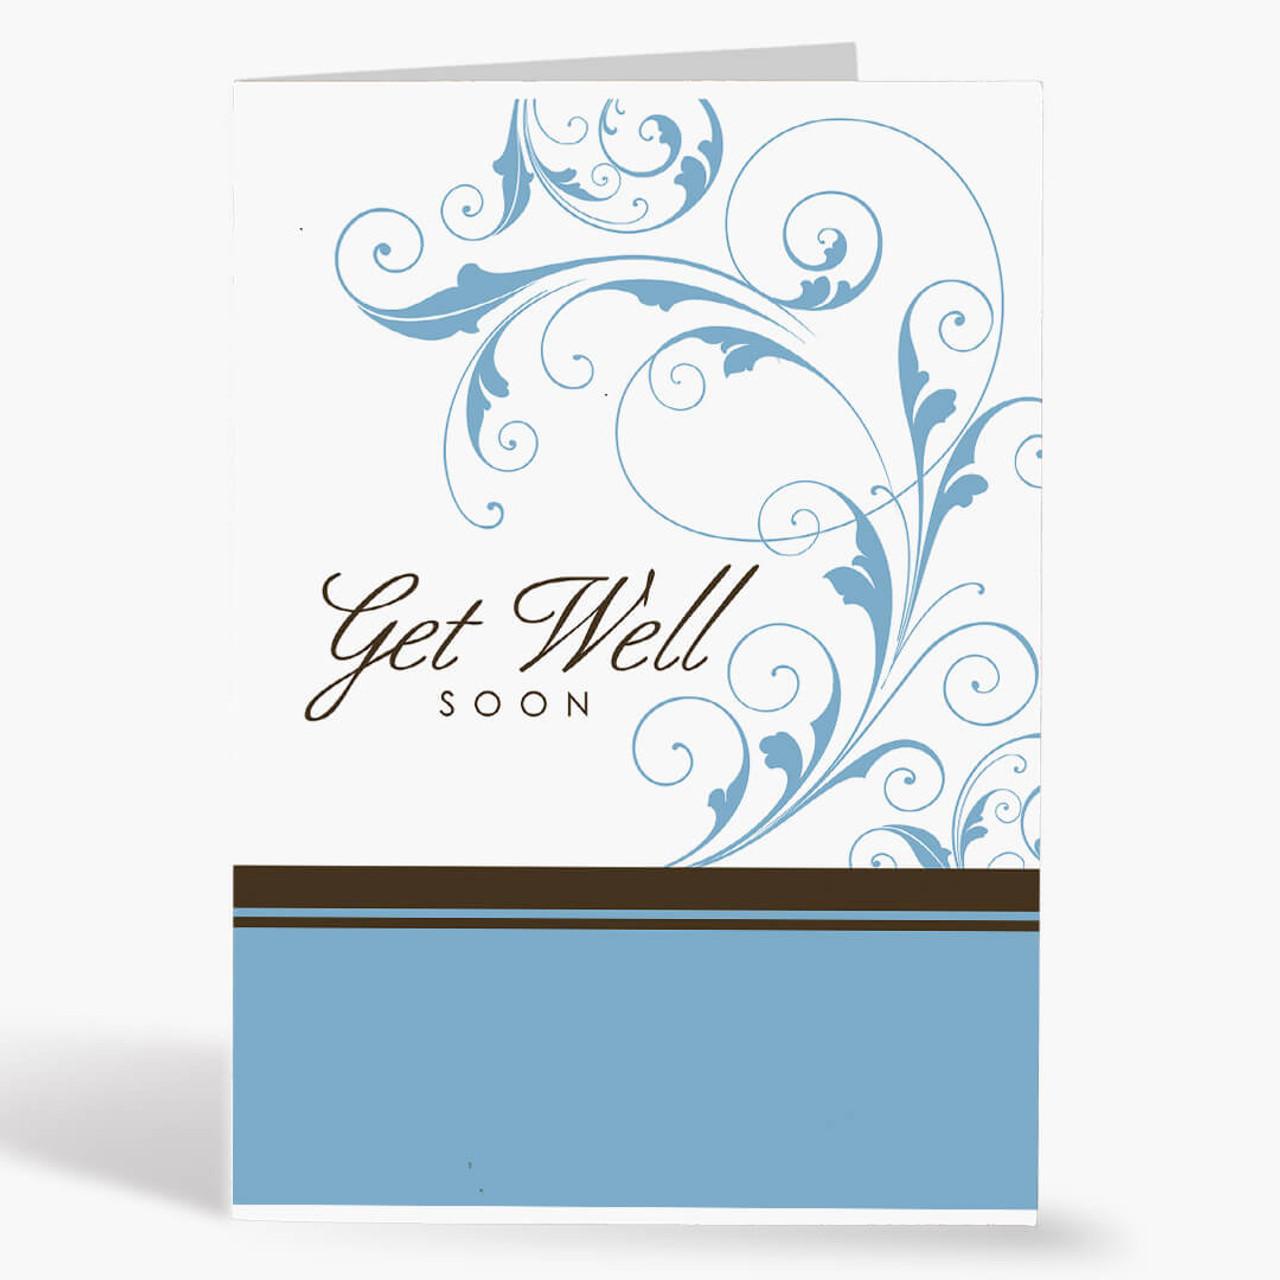 Budget Get Well Card